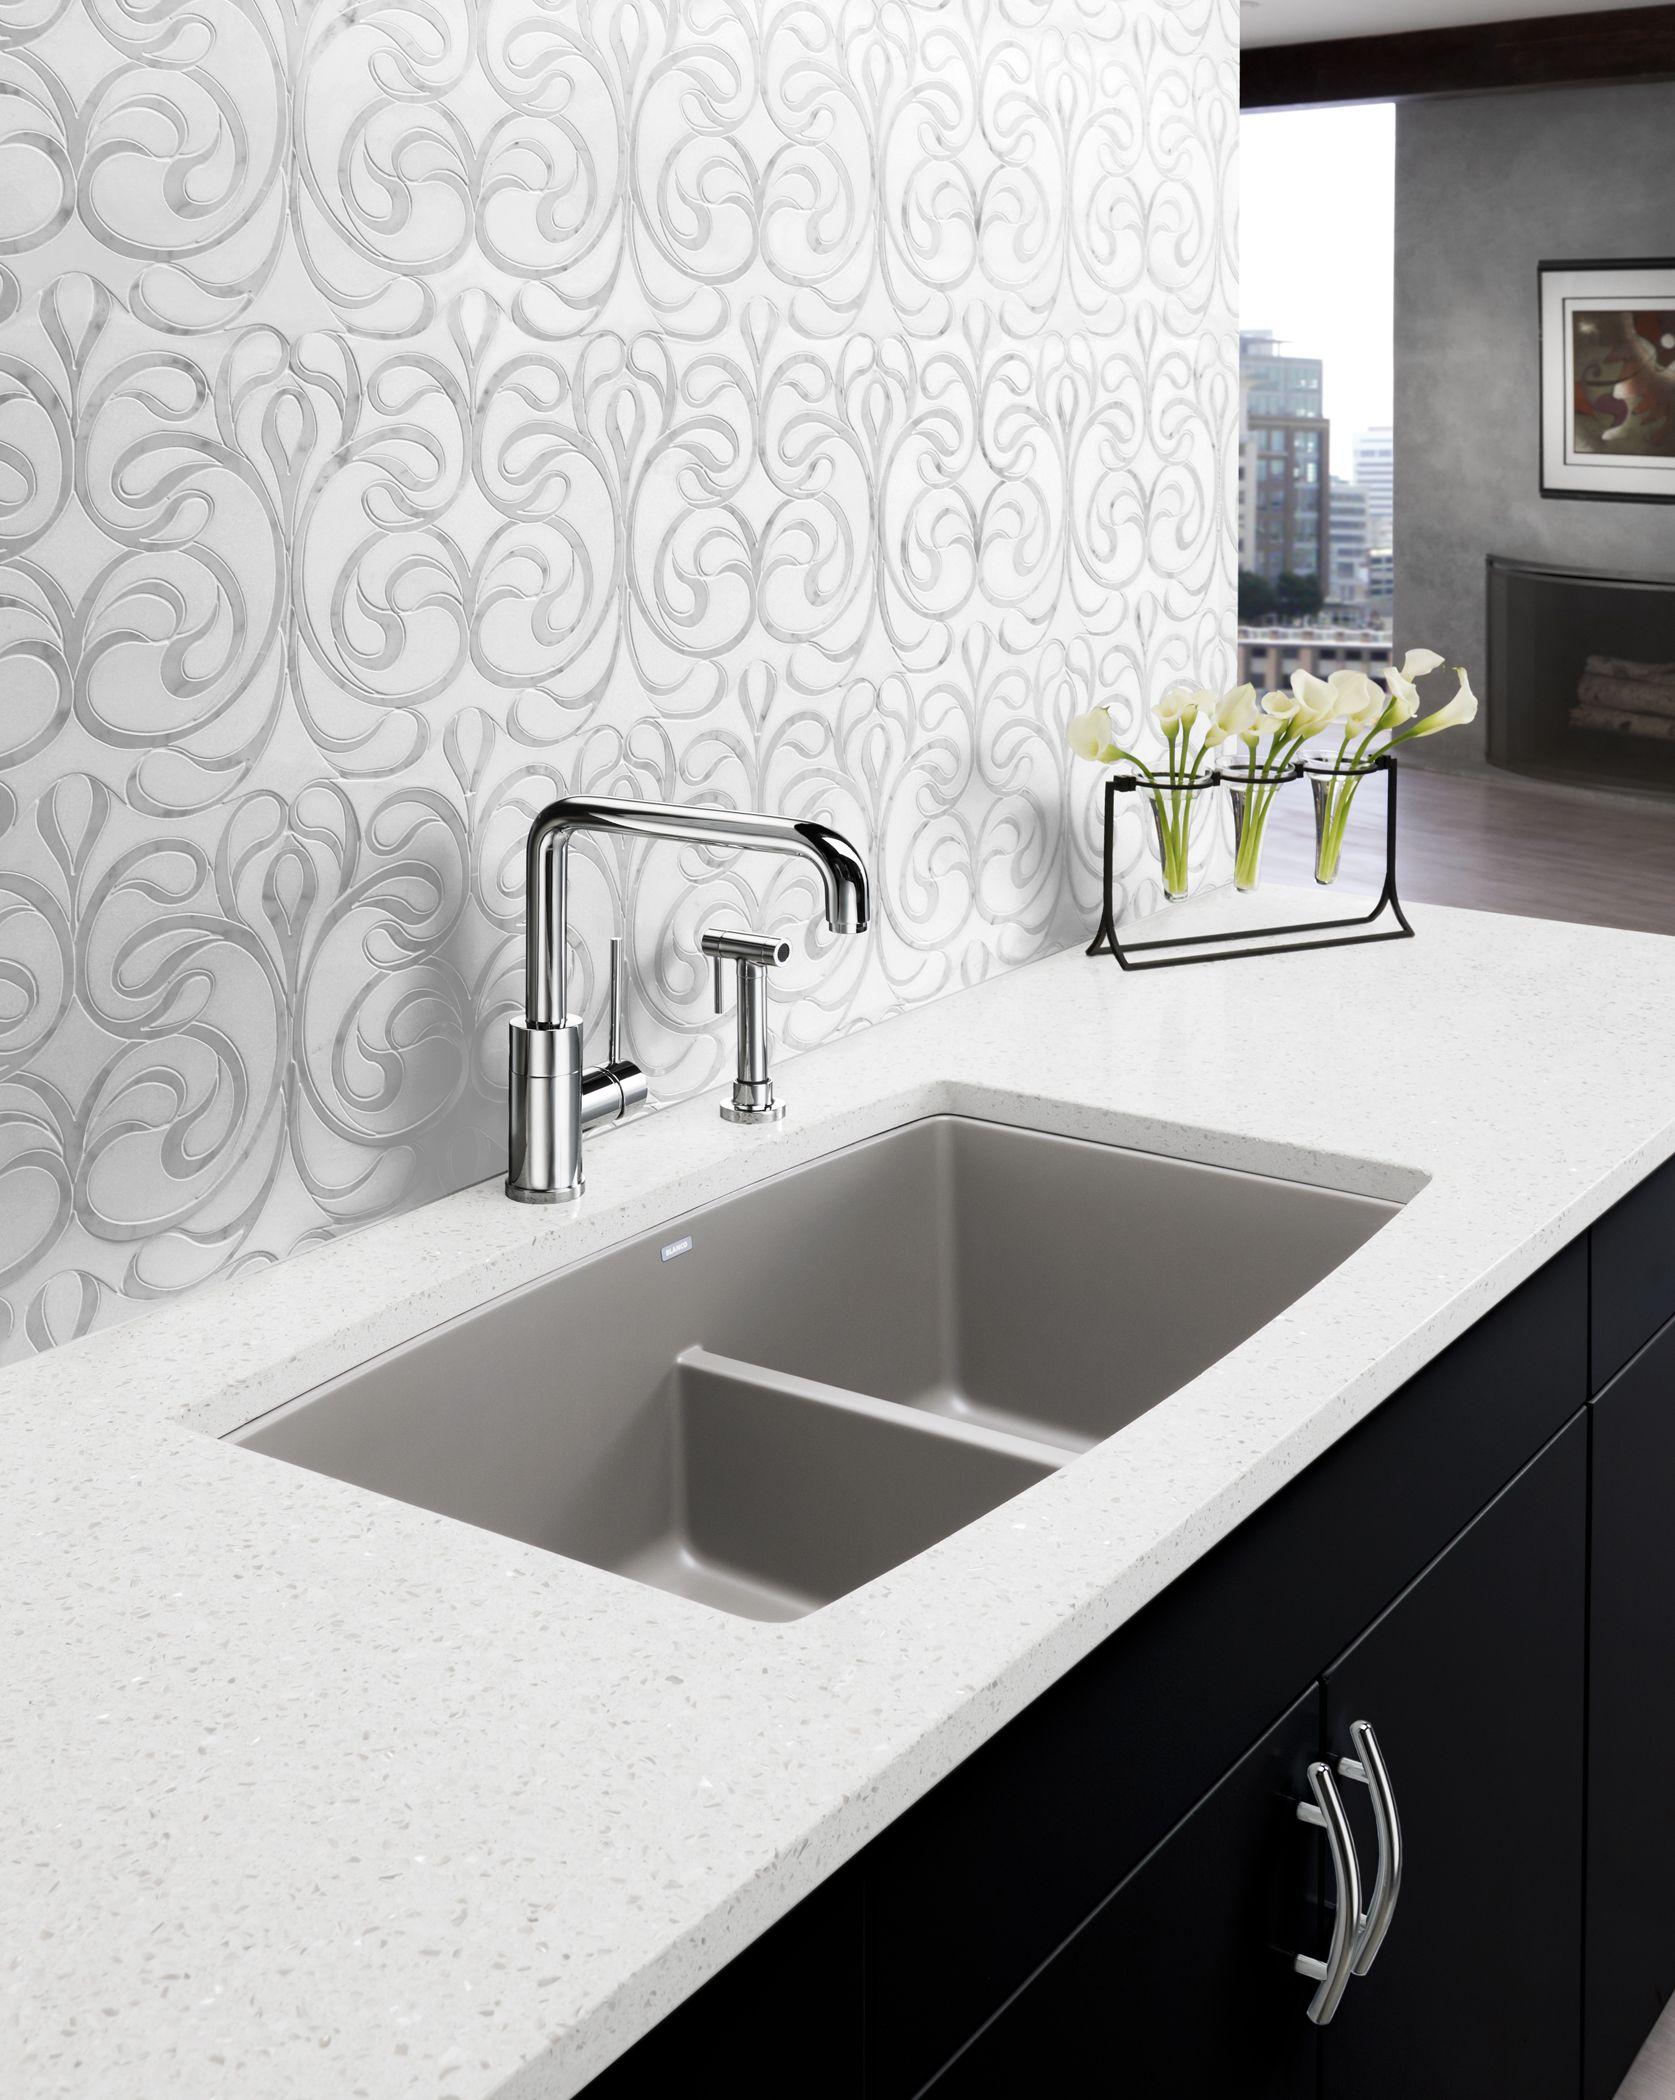 Beau PERFORMA Low Divide #kitchen #sink; @blancoamerica, Www.blancoamerica.com